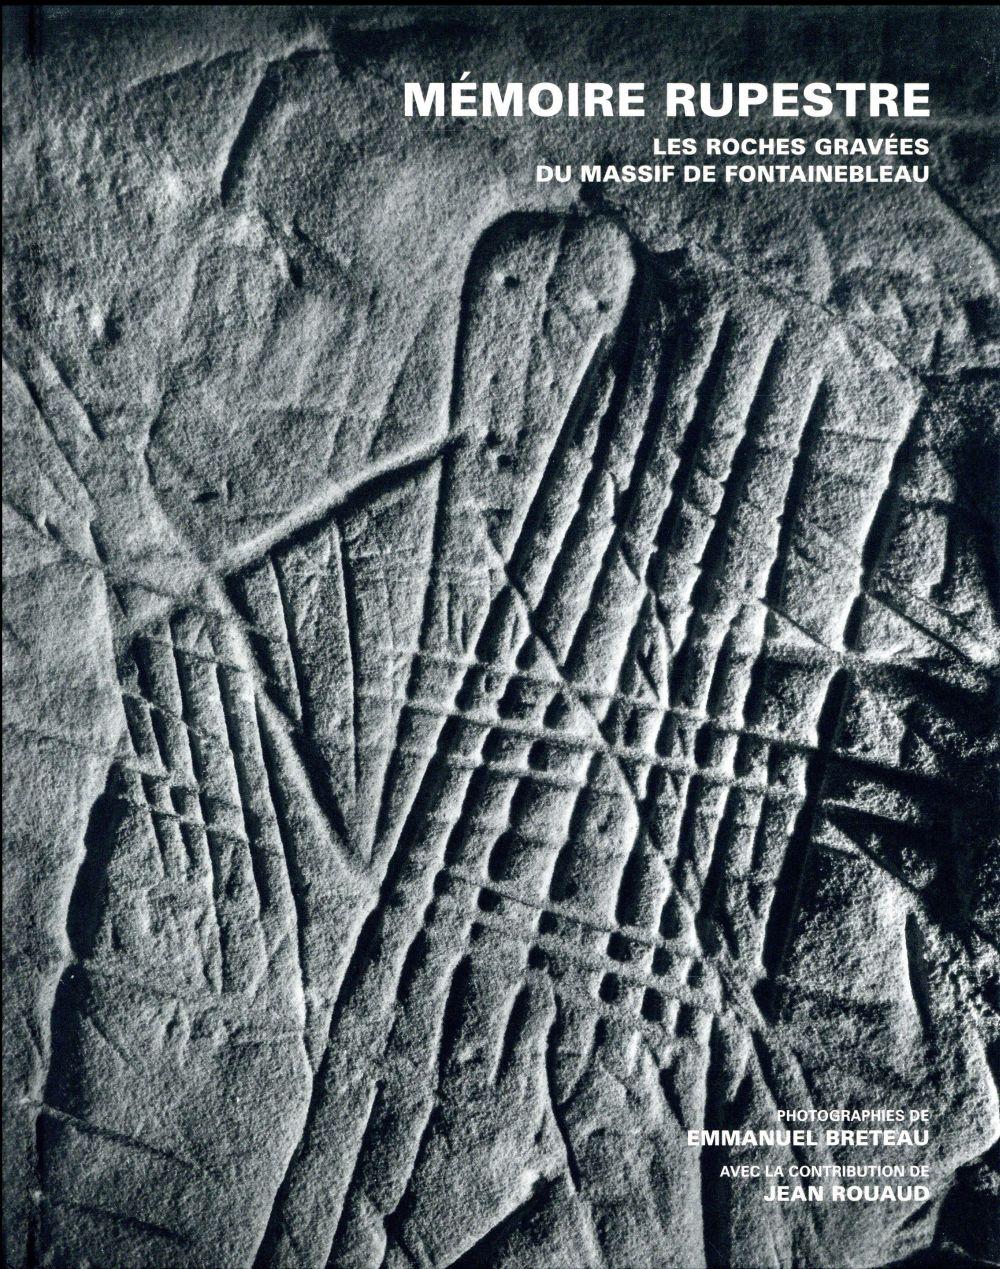 Mémoire rupestre : les roches gravées du massif de Fontainebleau